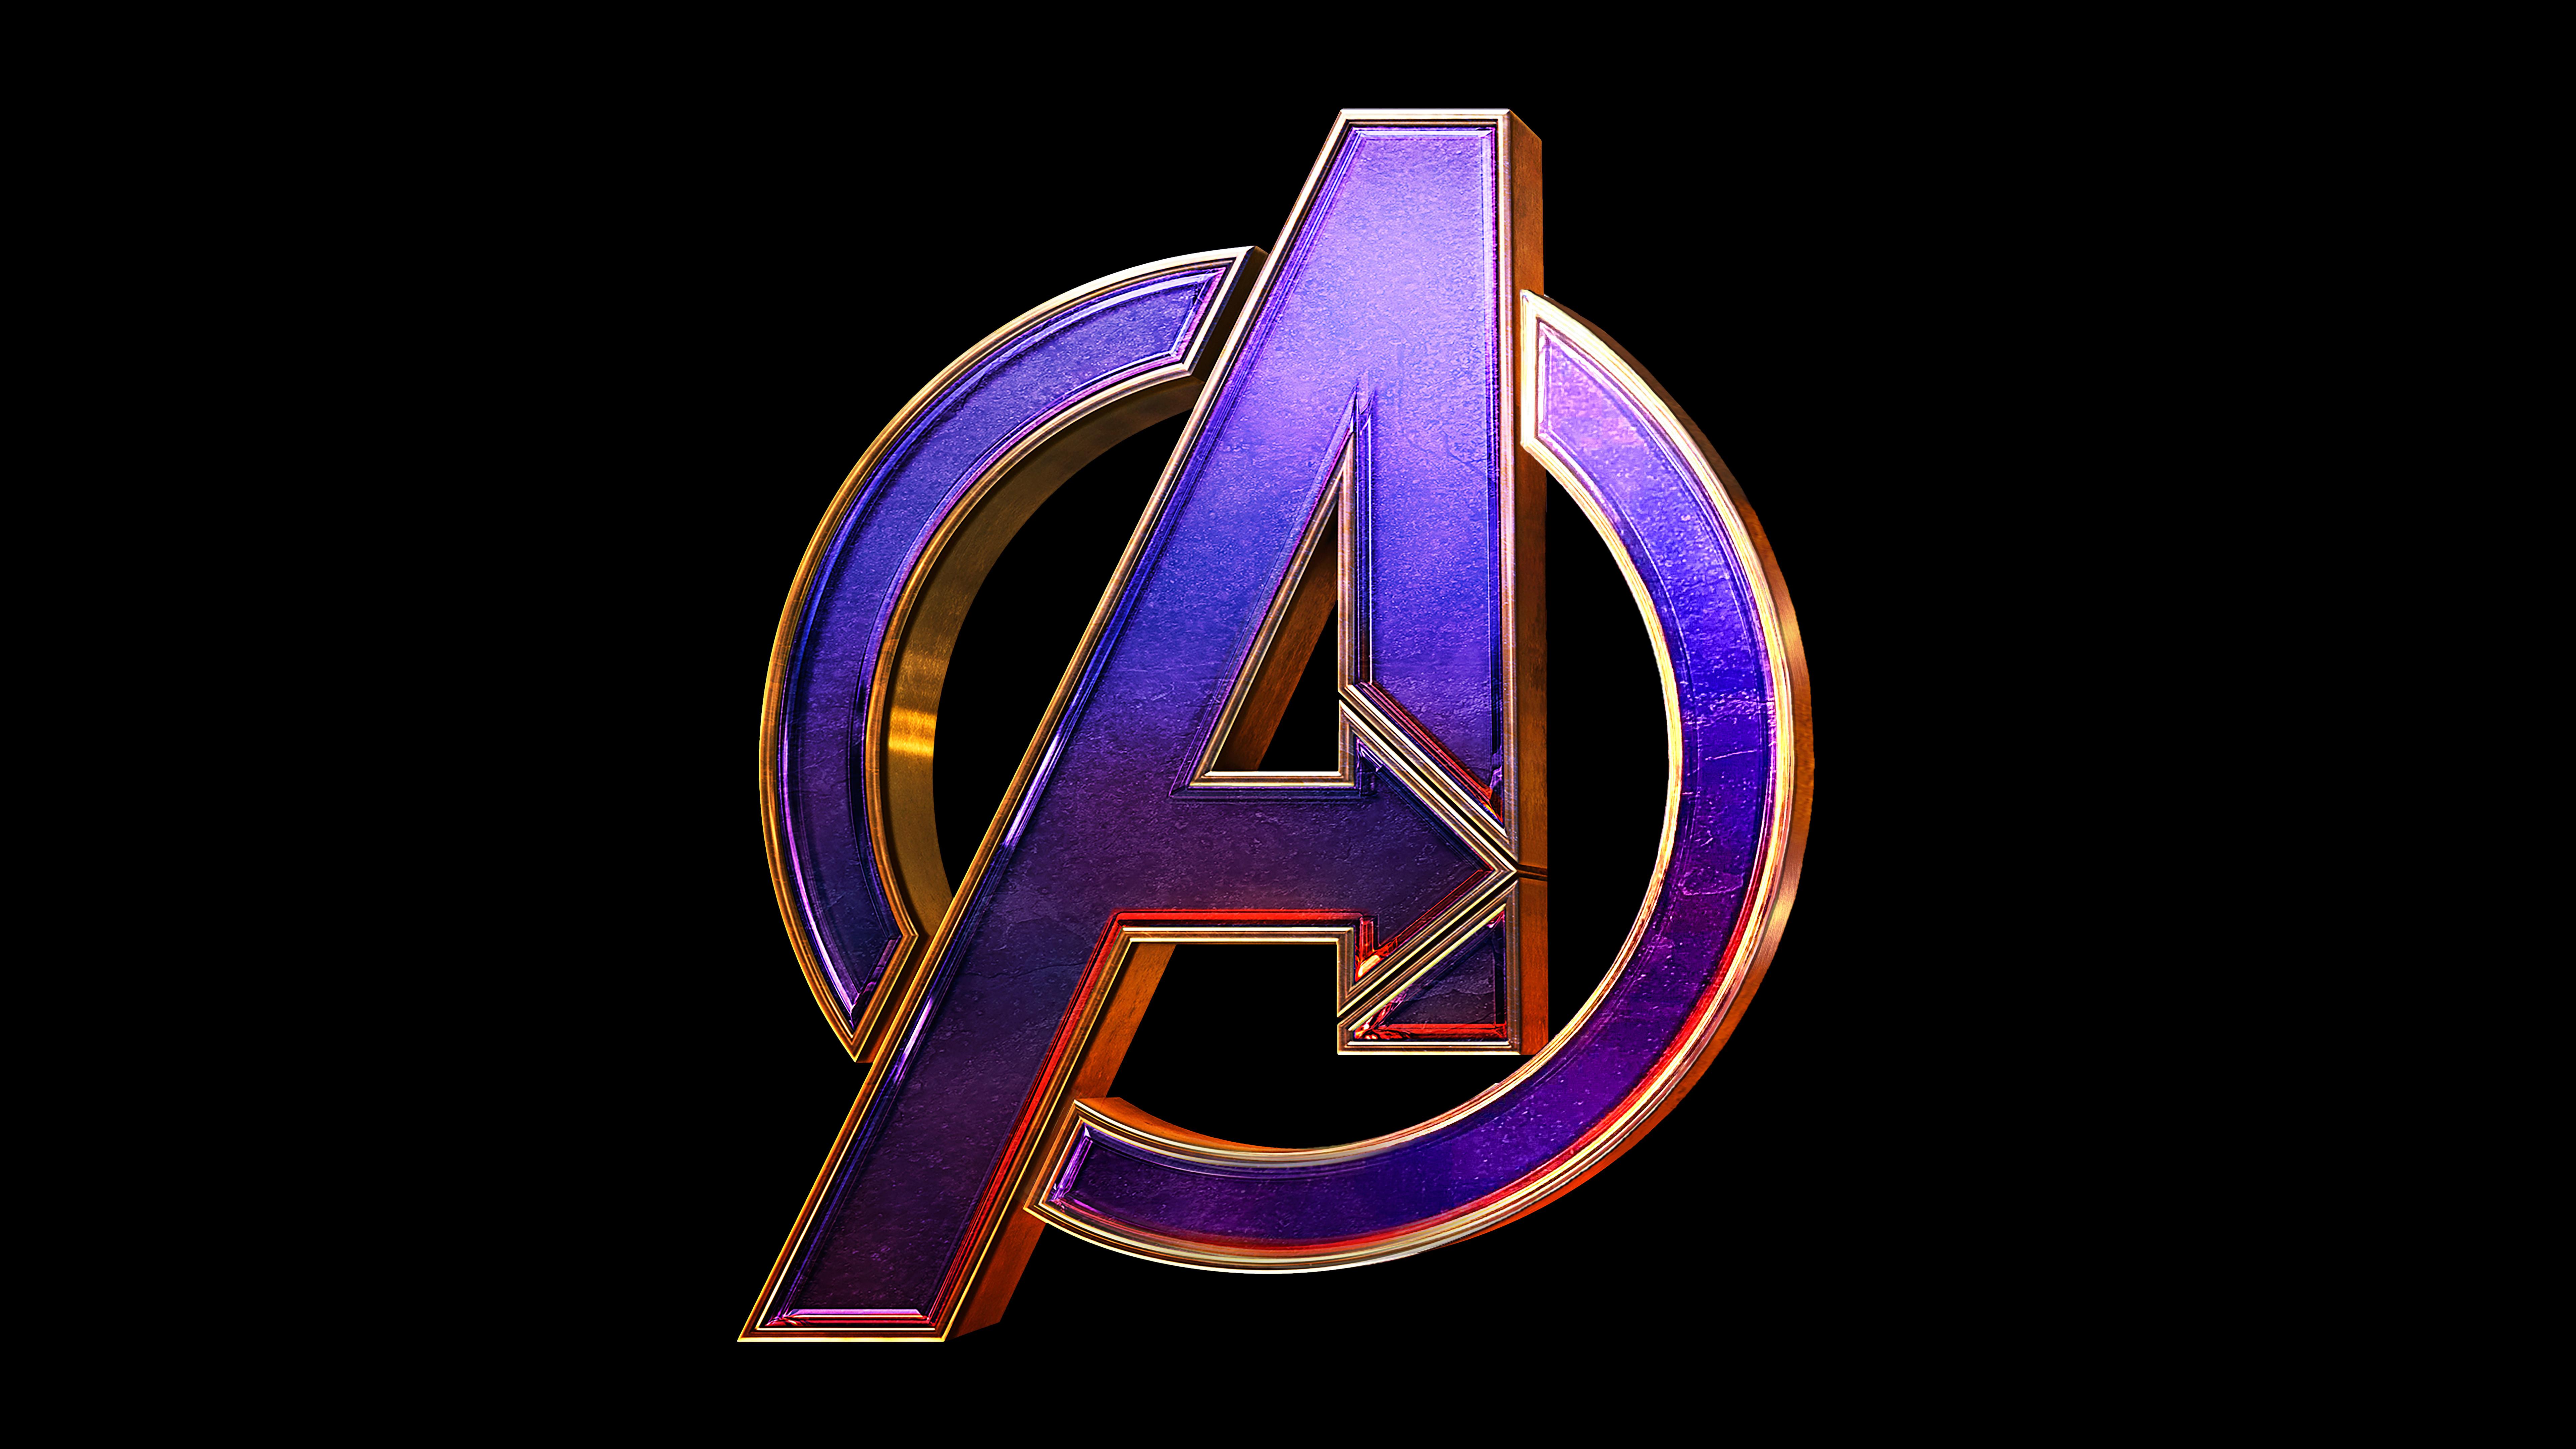 Avengers Endgame Logo Wallpaper 8k Ultra HD ID:3034.